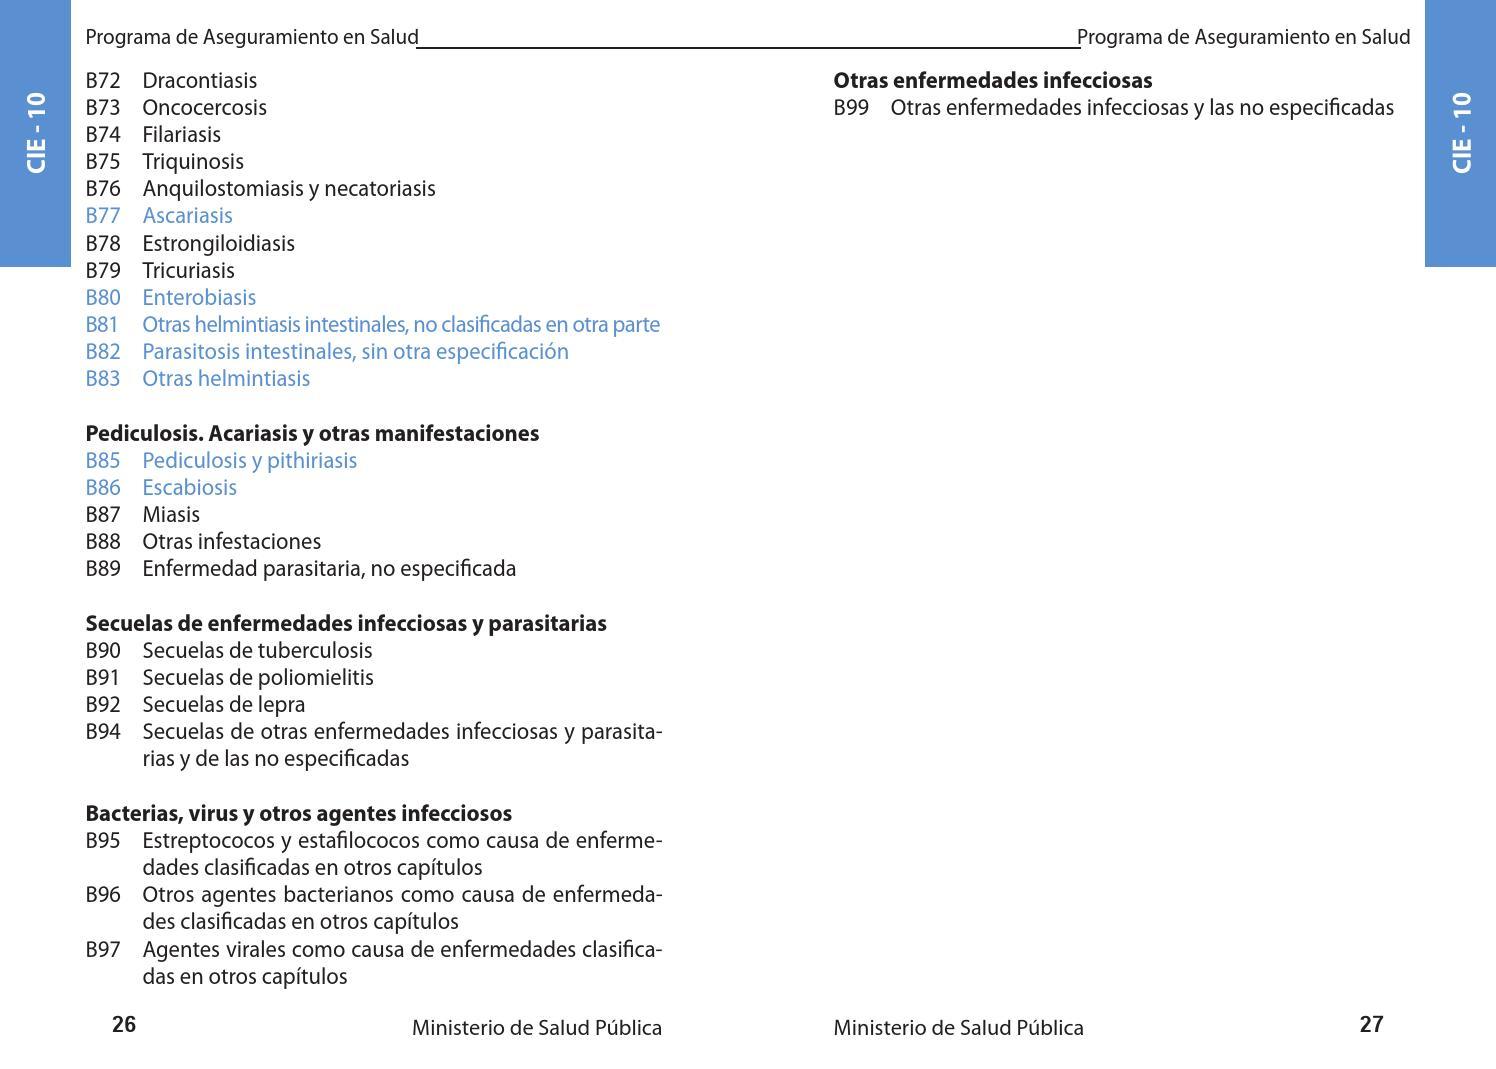 enterobiasis cie 10